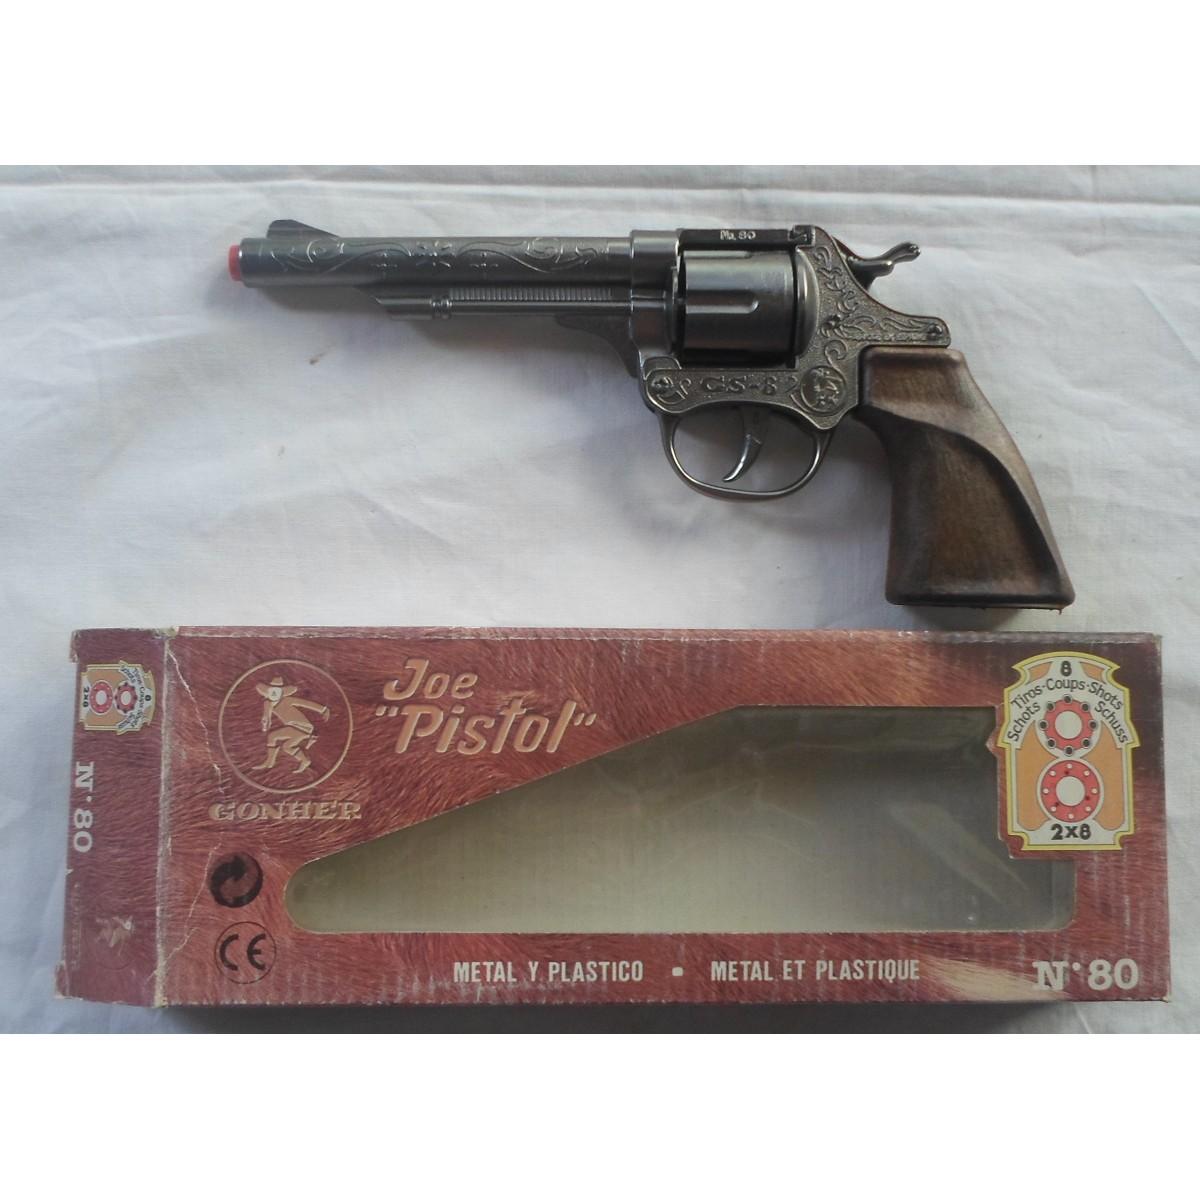 """Μεταλλικό και πλαστικό όπλο Joe """"Pistol"""" GONHER Νο 80."""